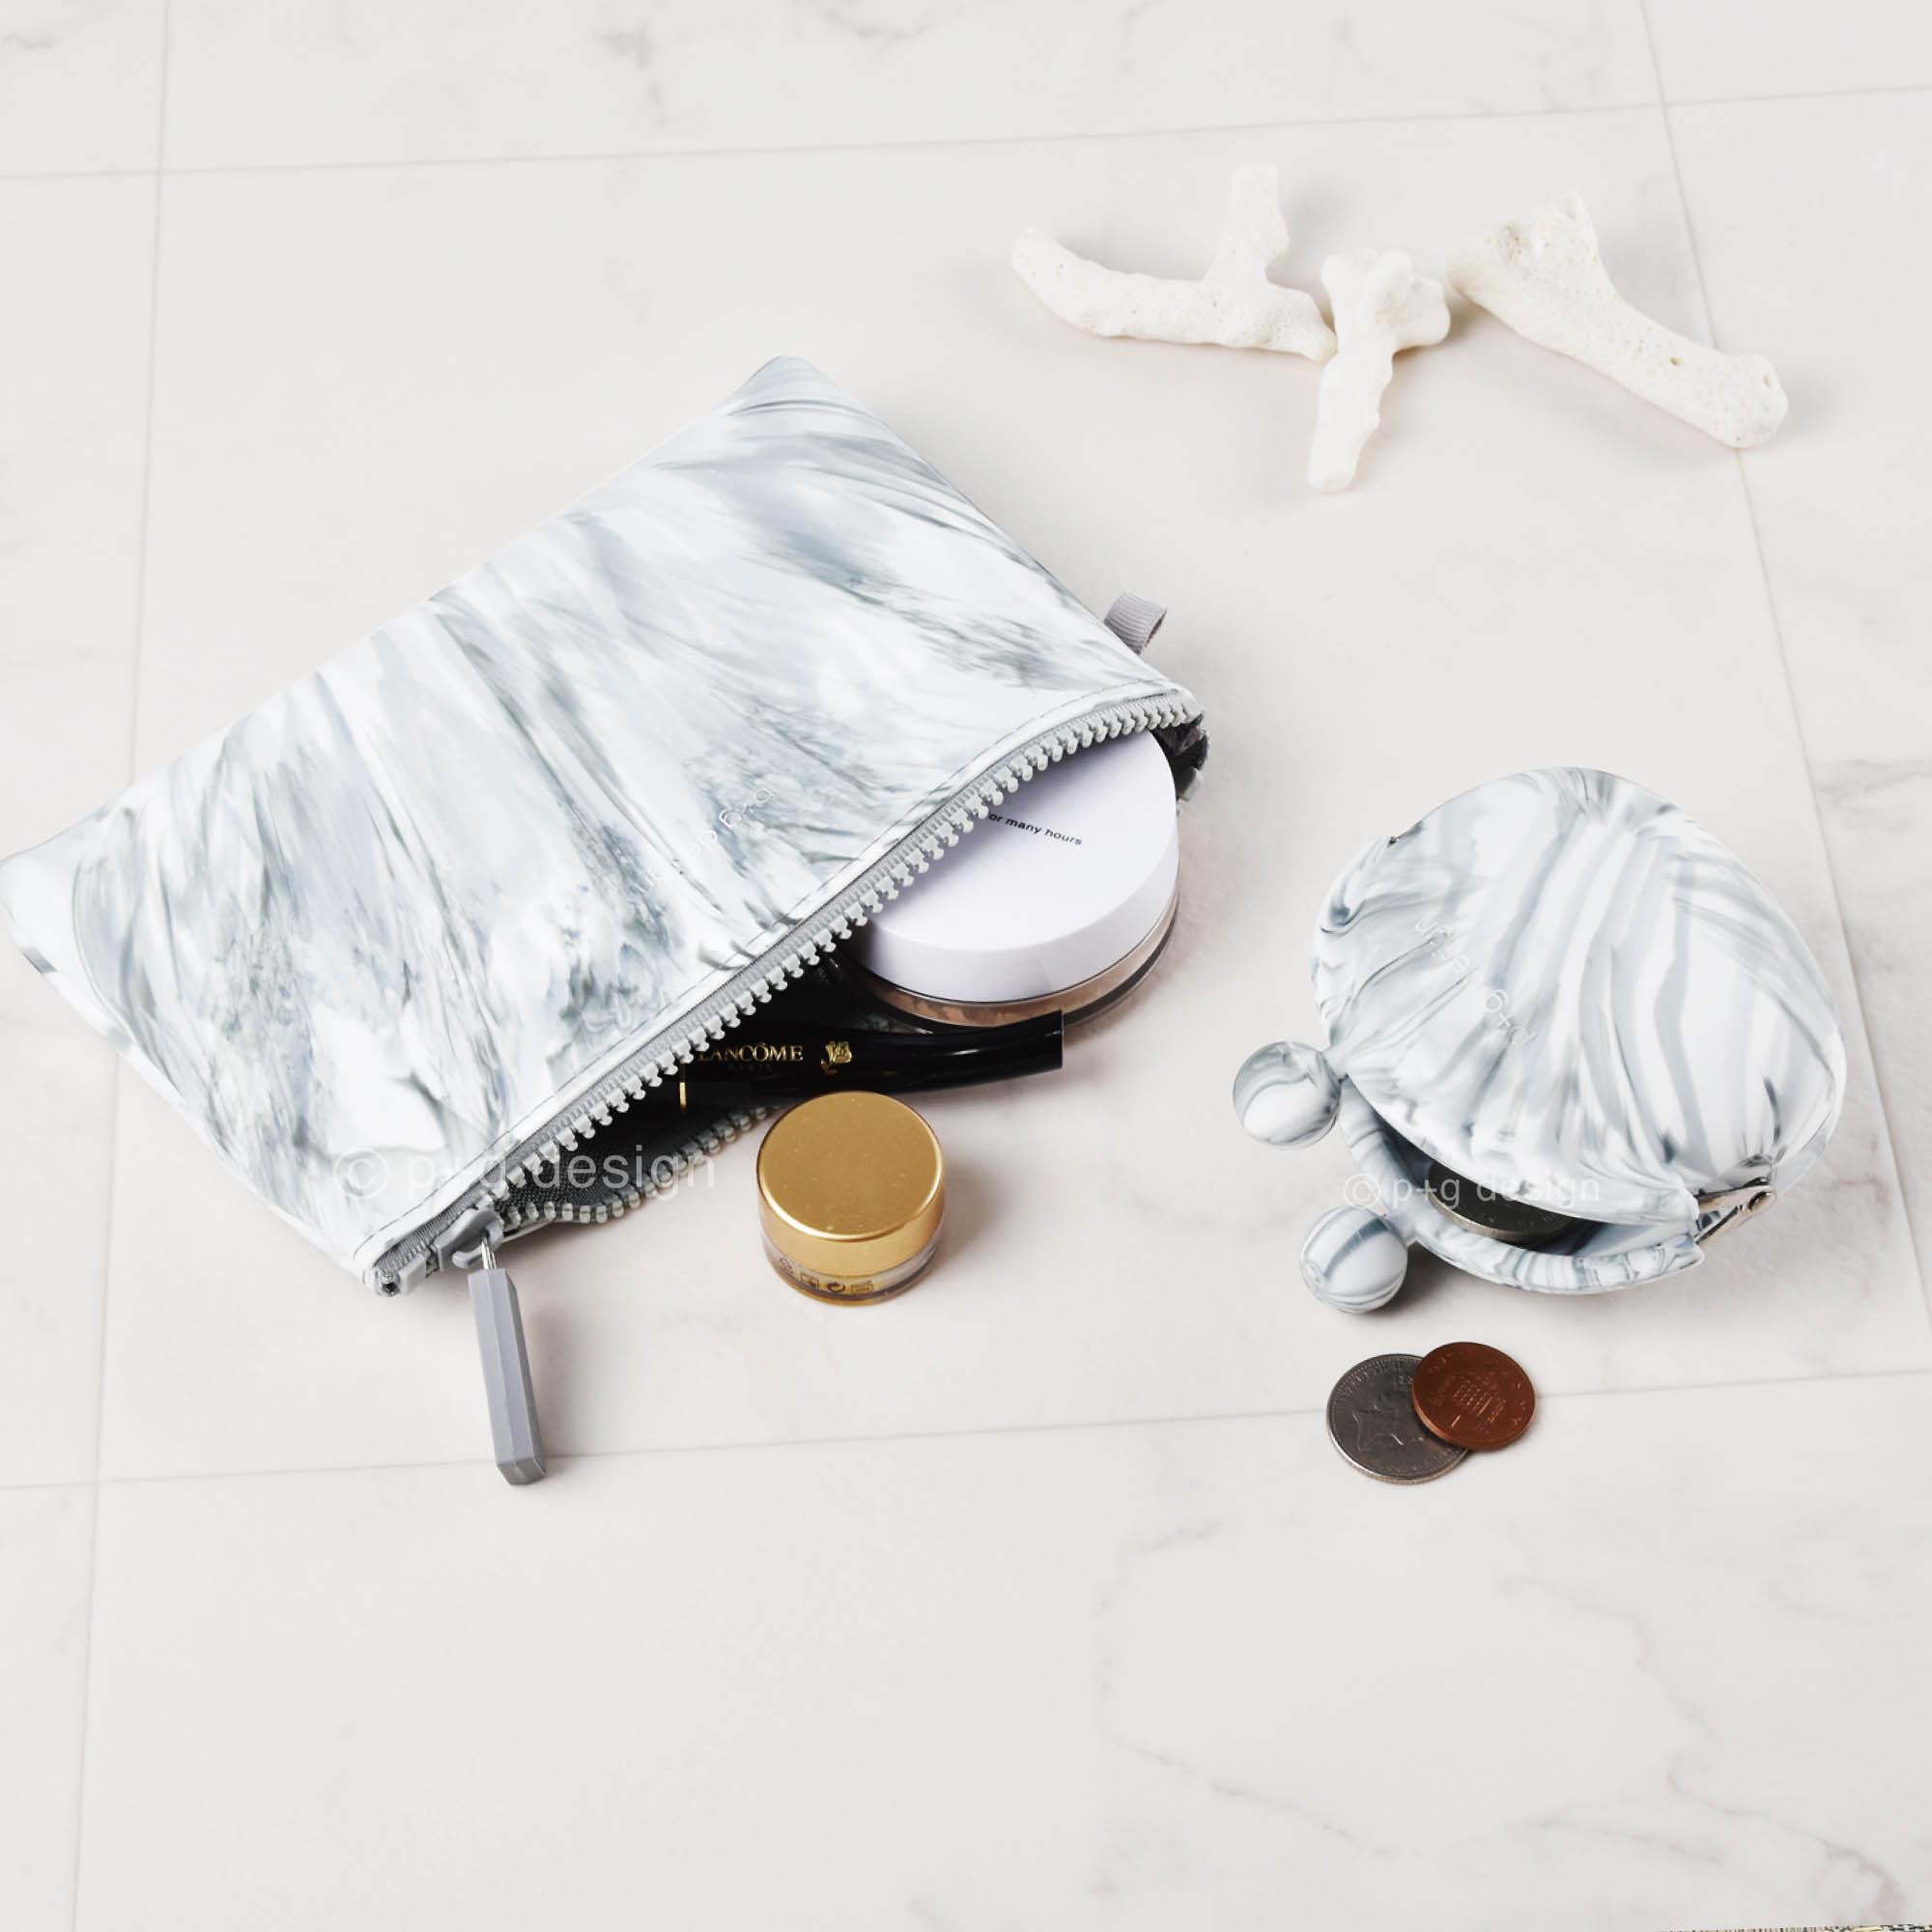 POCHI Marble / NUU Marble